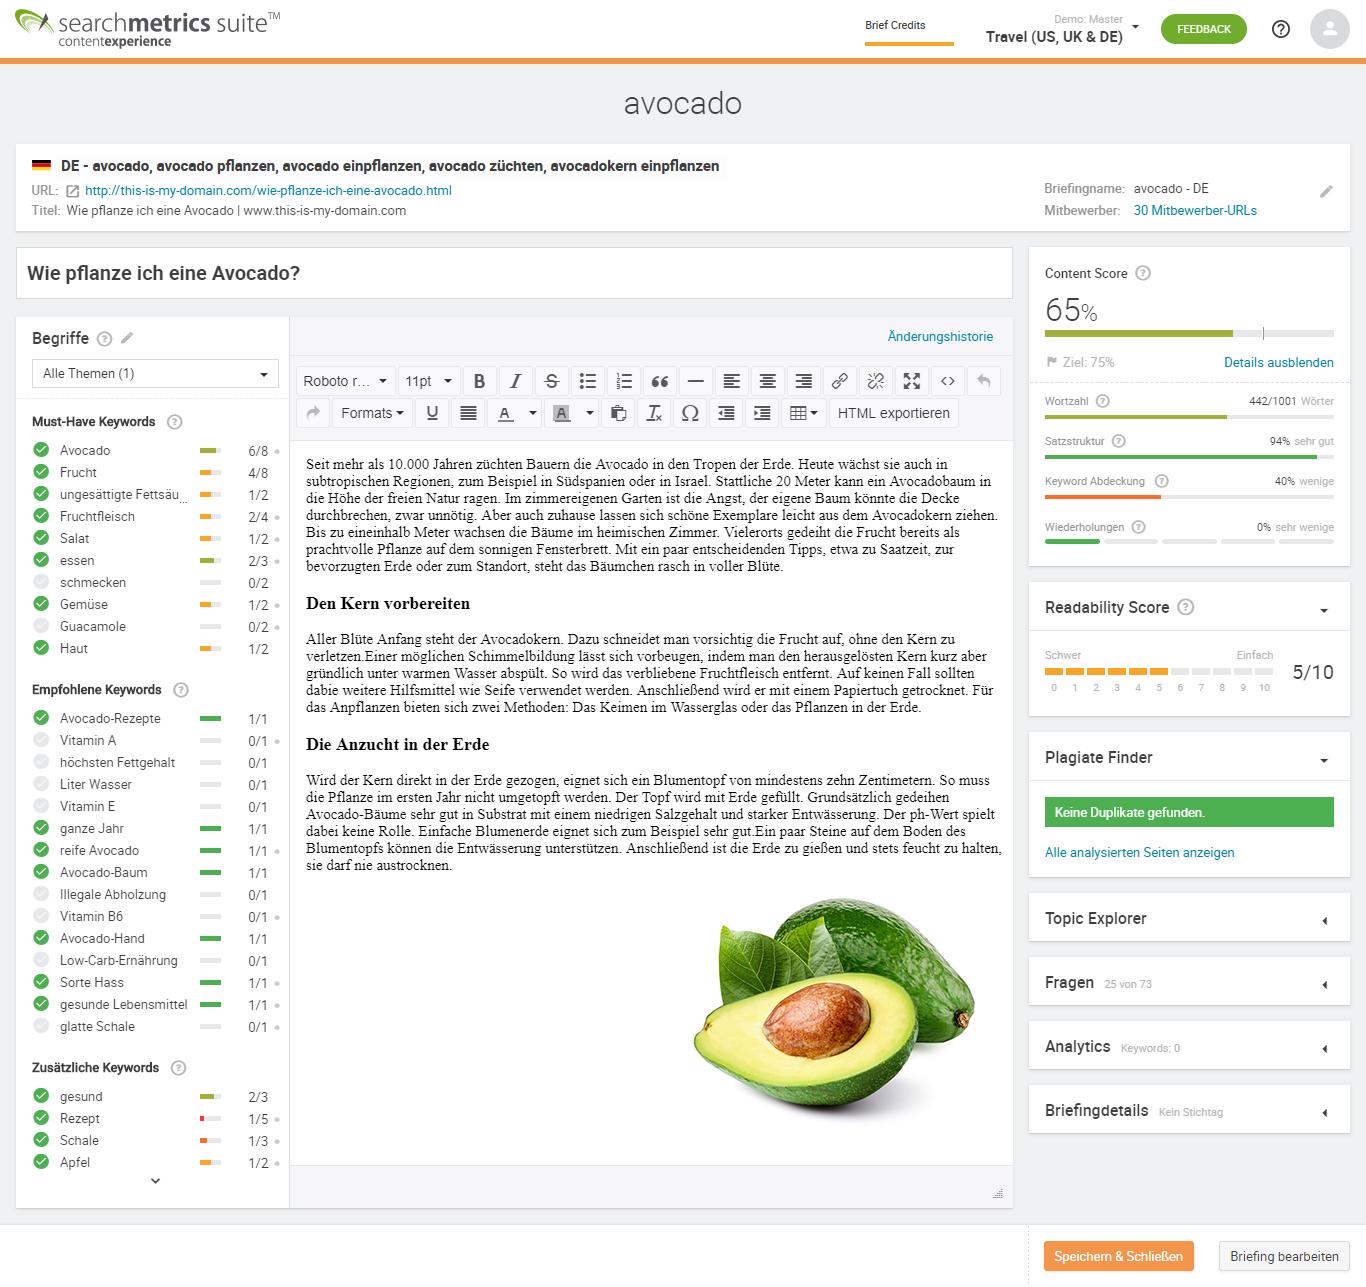 Searchmetrics Content Editor & Content Score